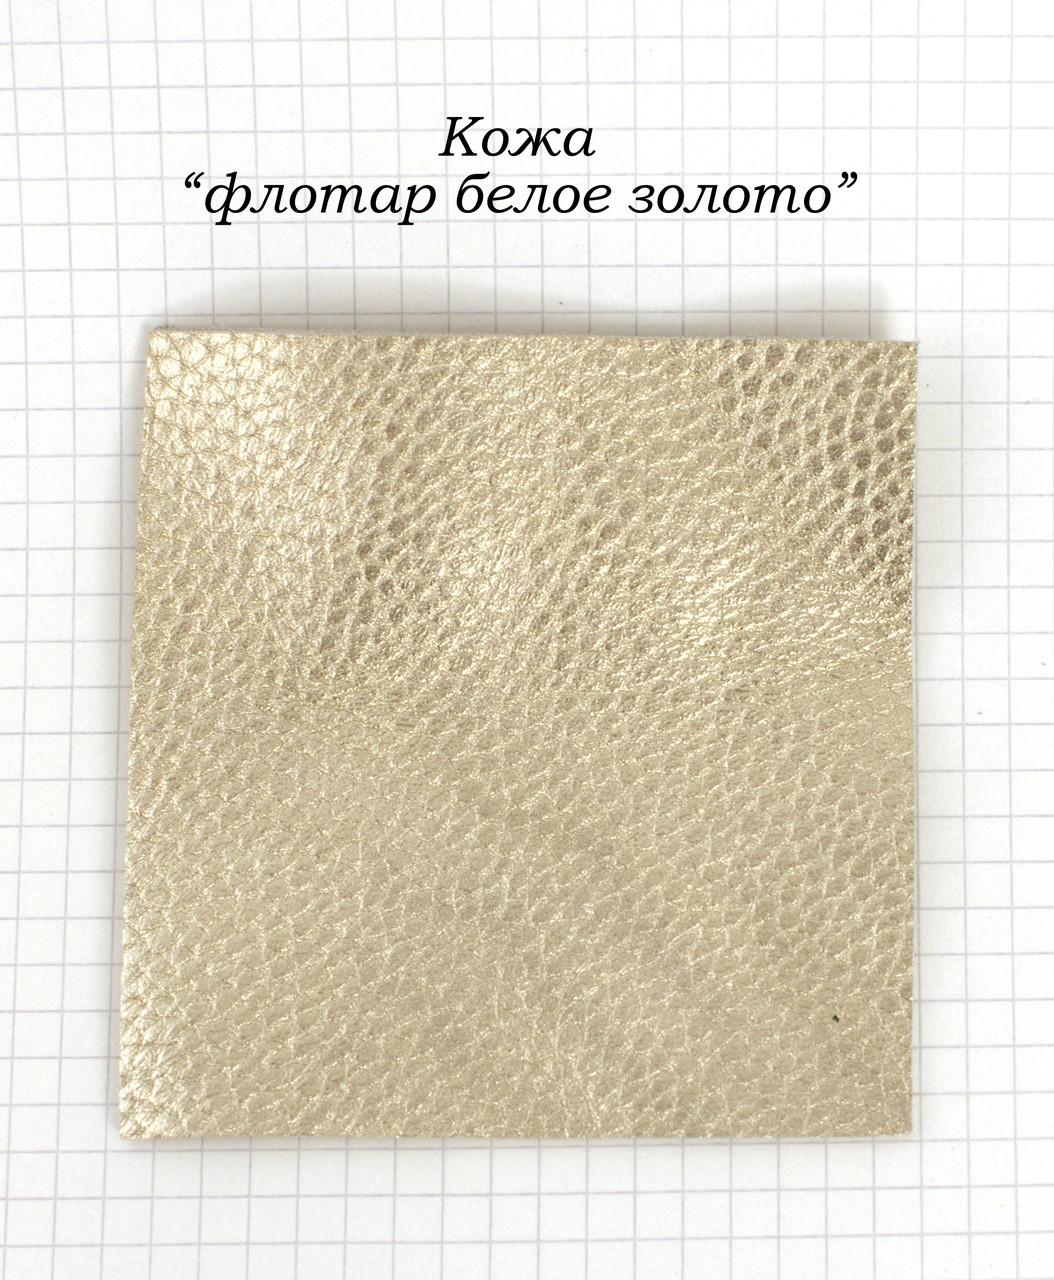 """Кожа """"флотар белое золото"""""""